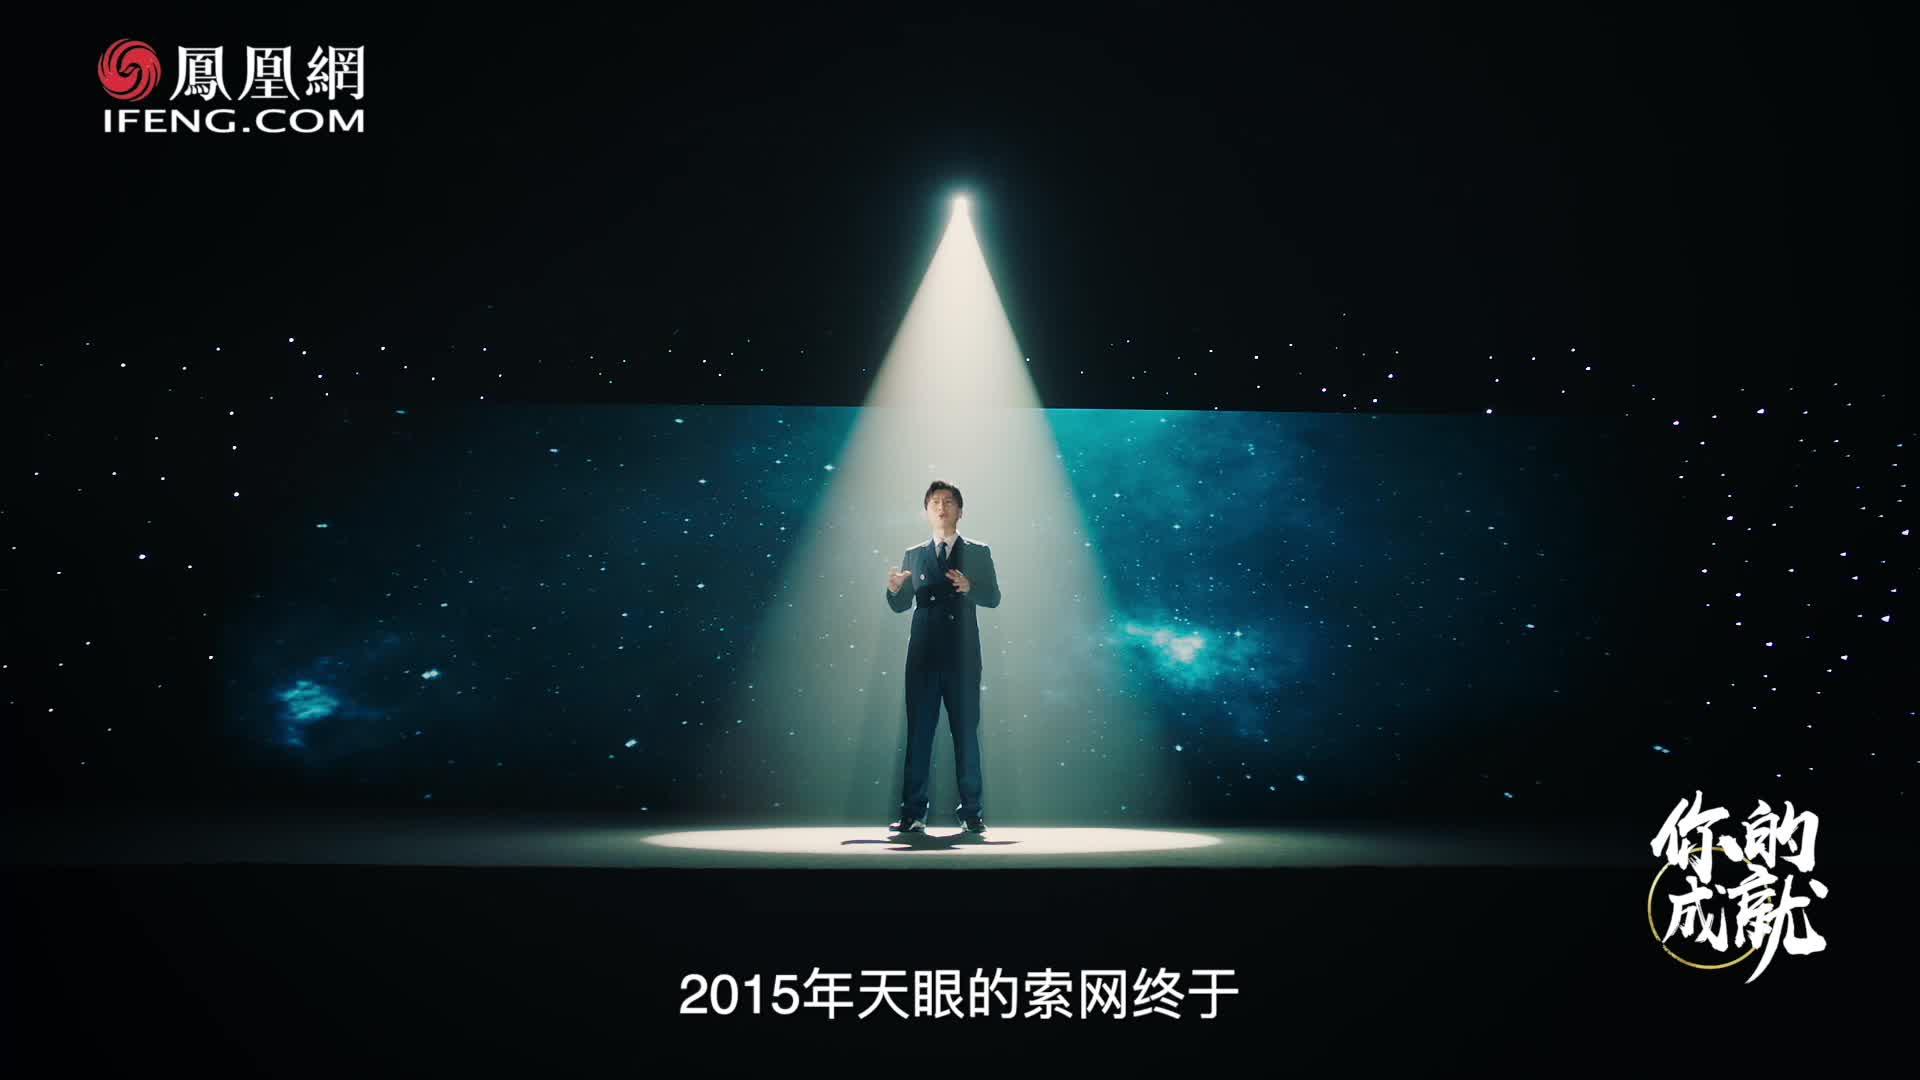 中国天眼:人类看得最远的眼睛 |《你的成就》